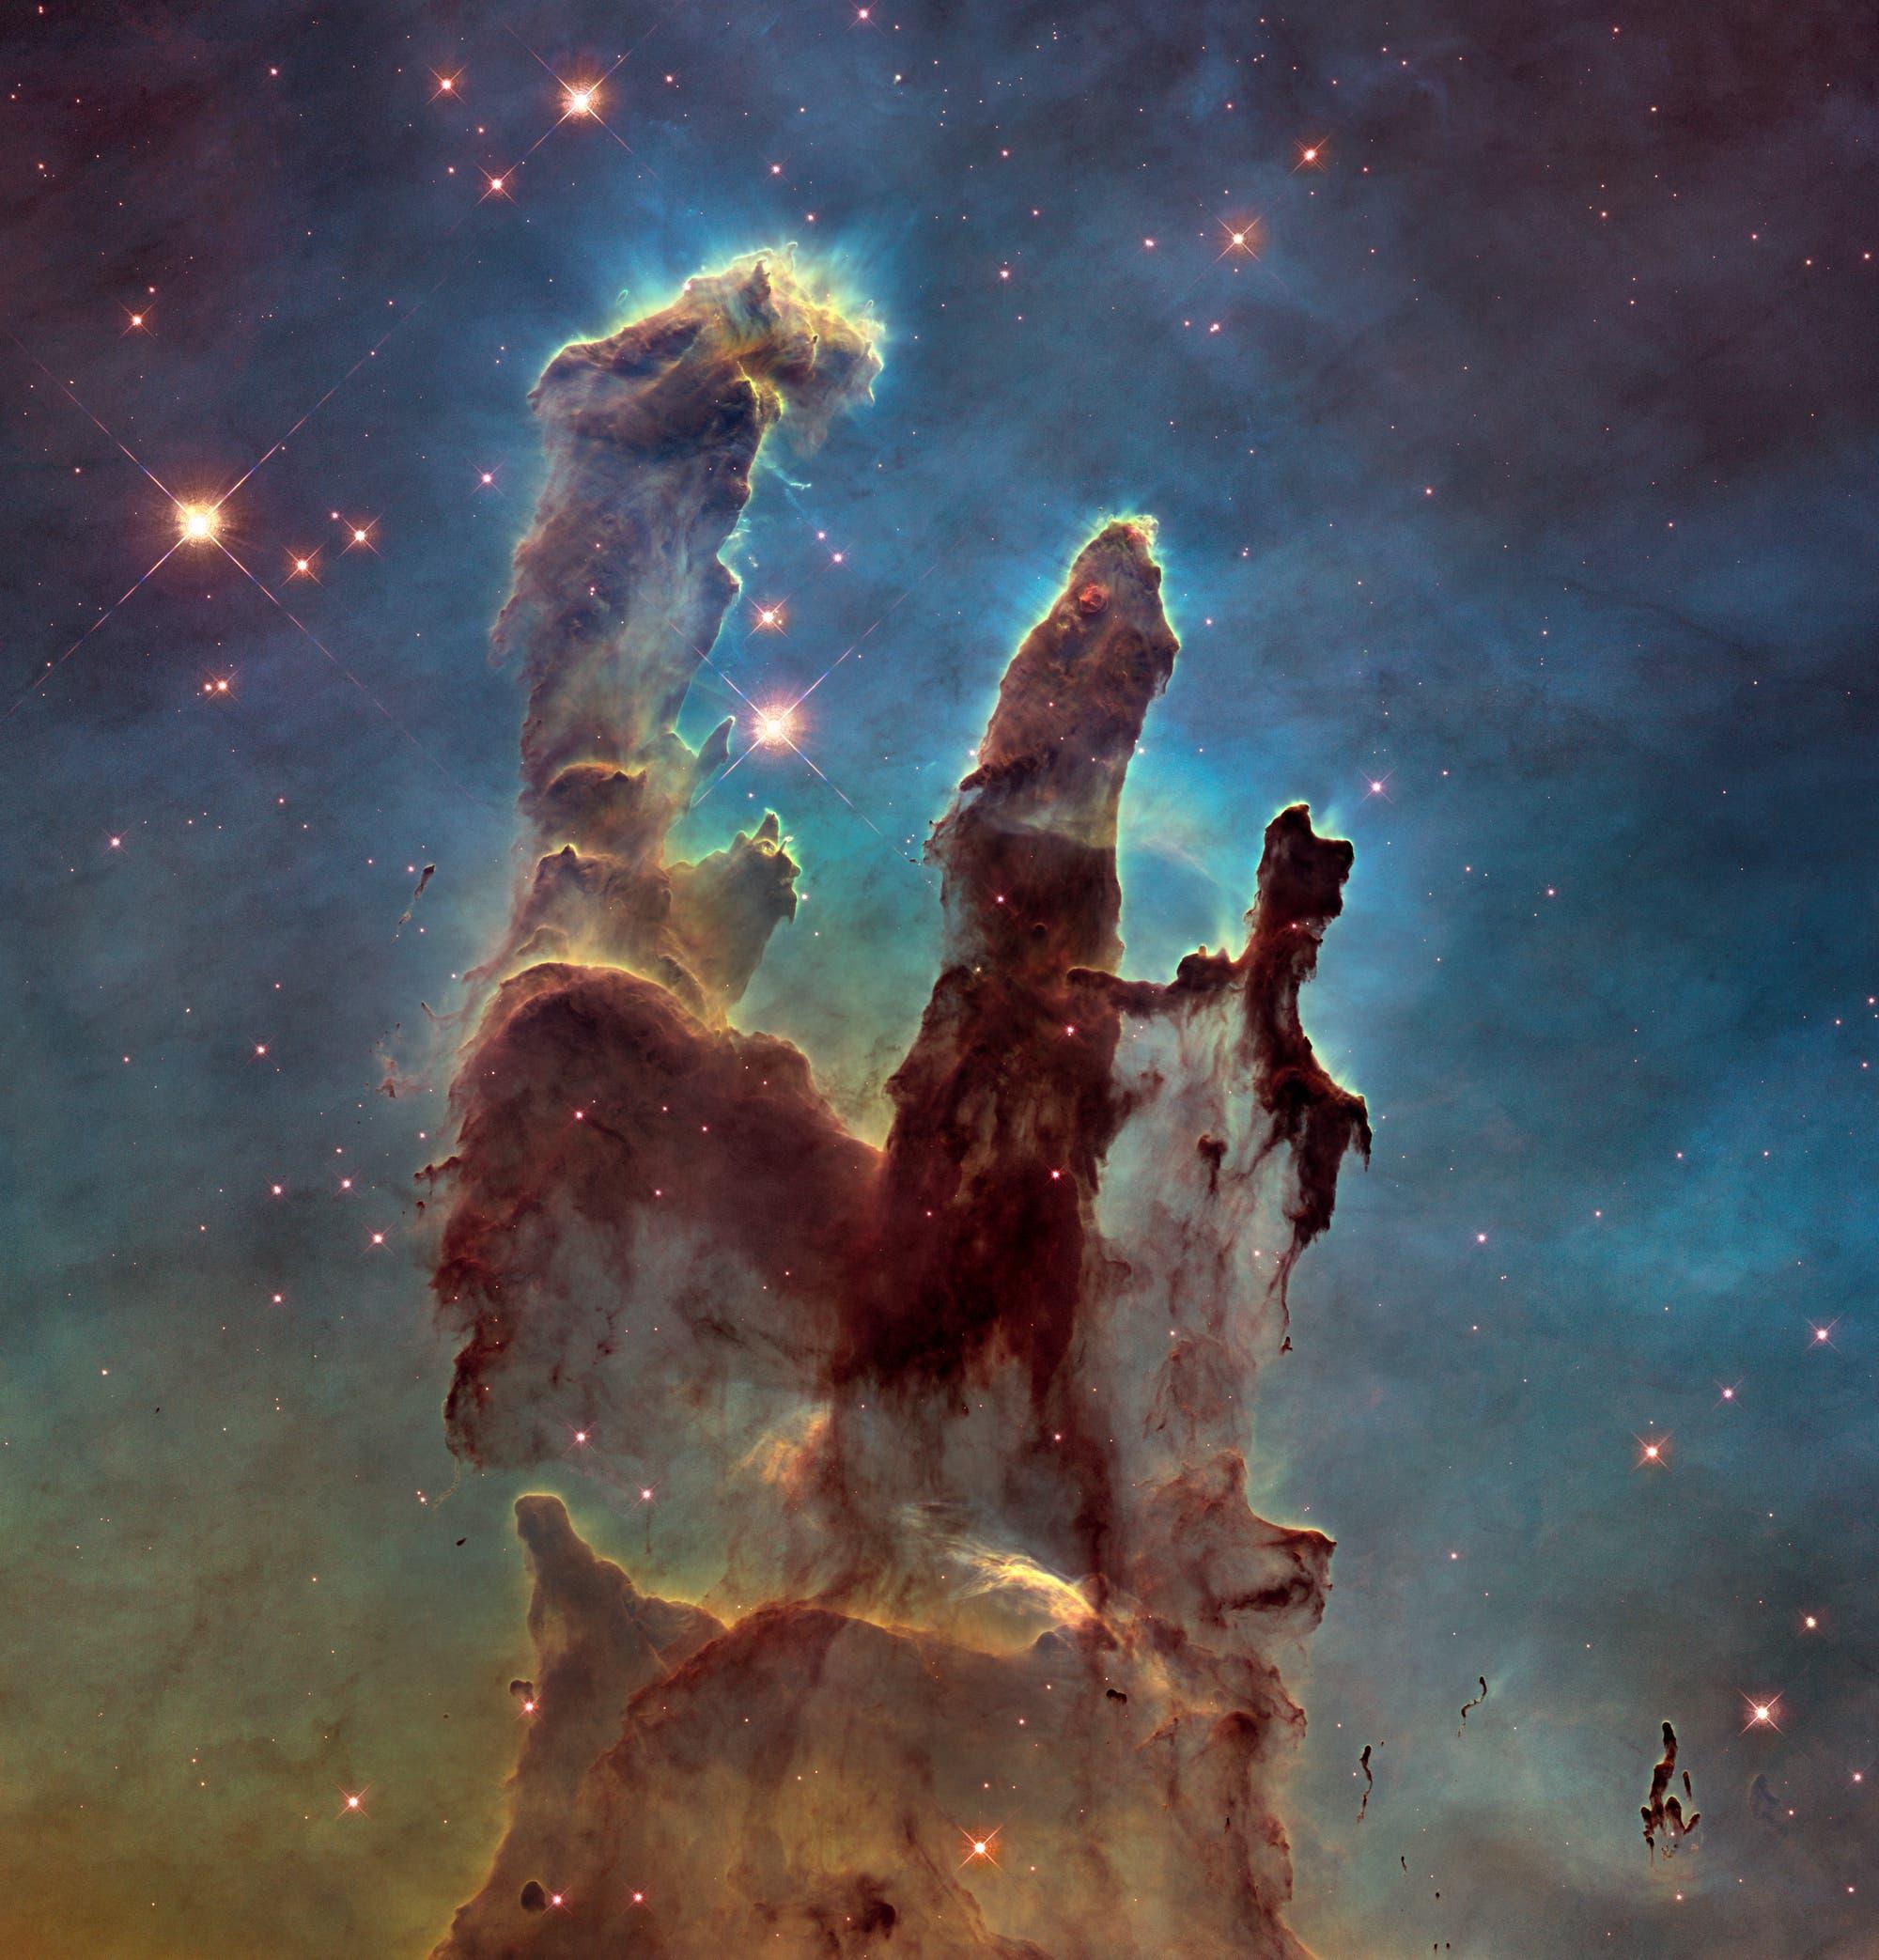 """Die """"Säulen der Schöpfung"""" im Adlernebel (Aufnahme des Weltraumteleskops Hubble)"""